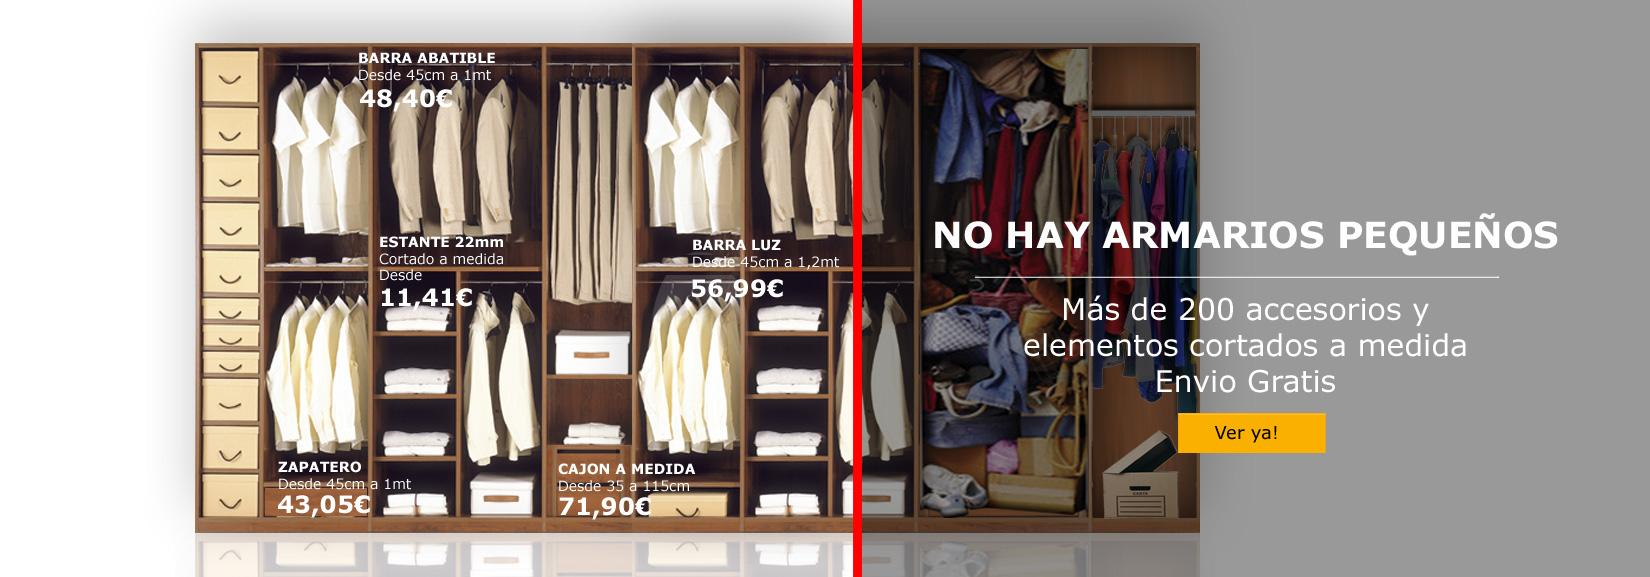 Accesorios para armarios